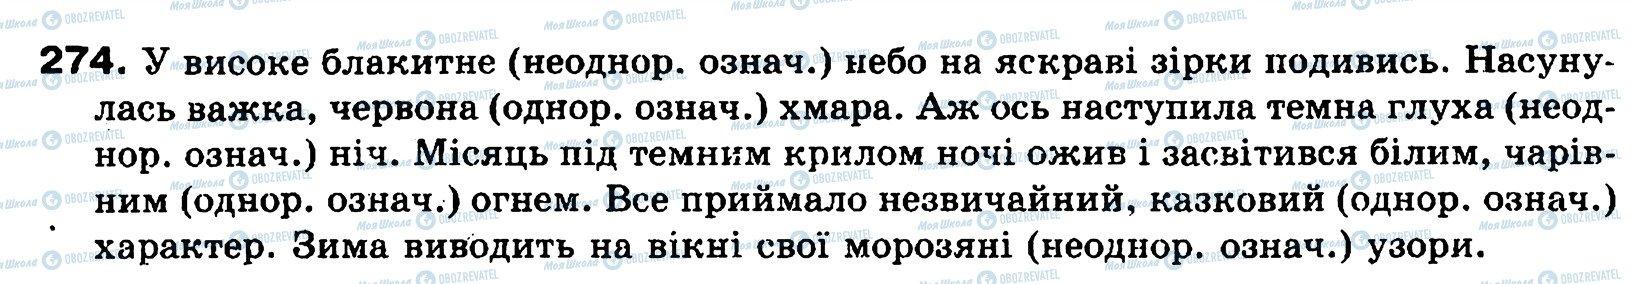 ГДЗ Українська мова 8 клас сторінка 274